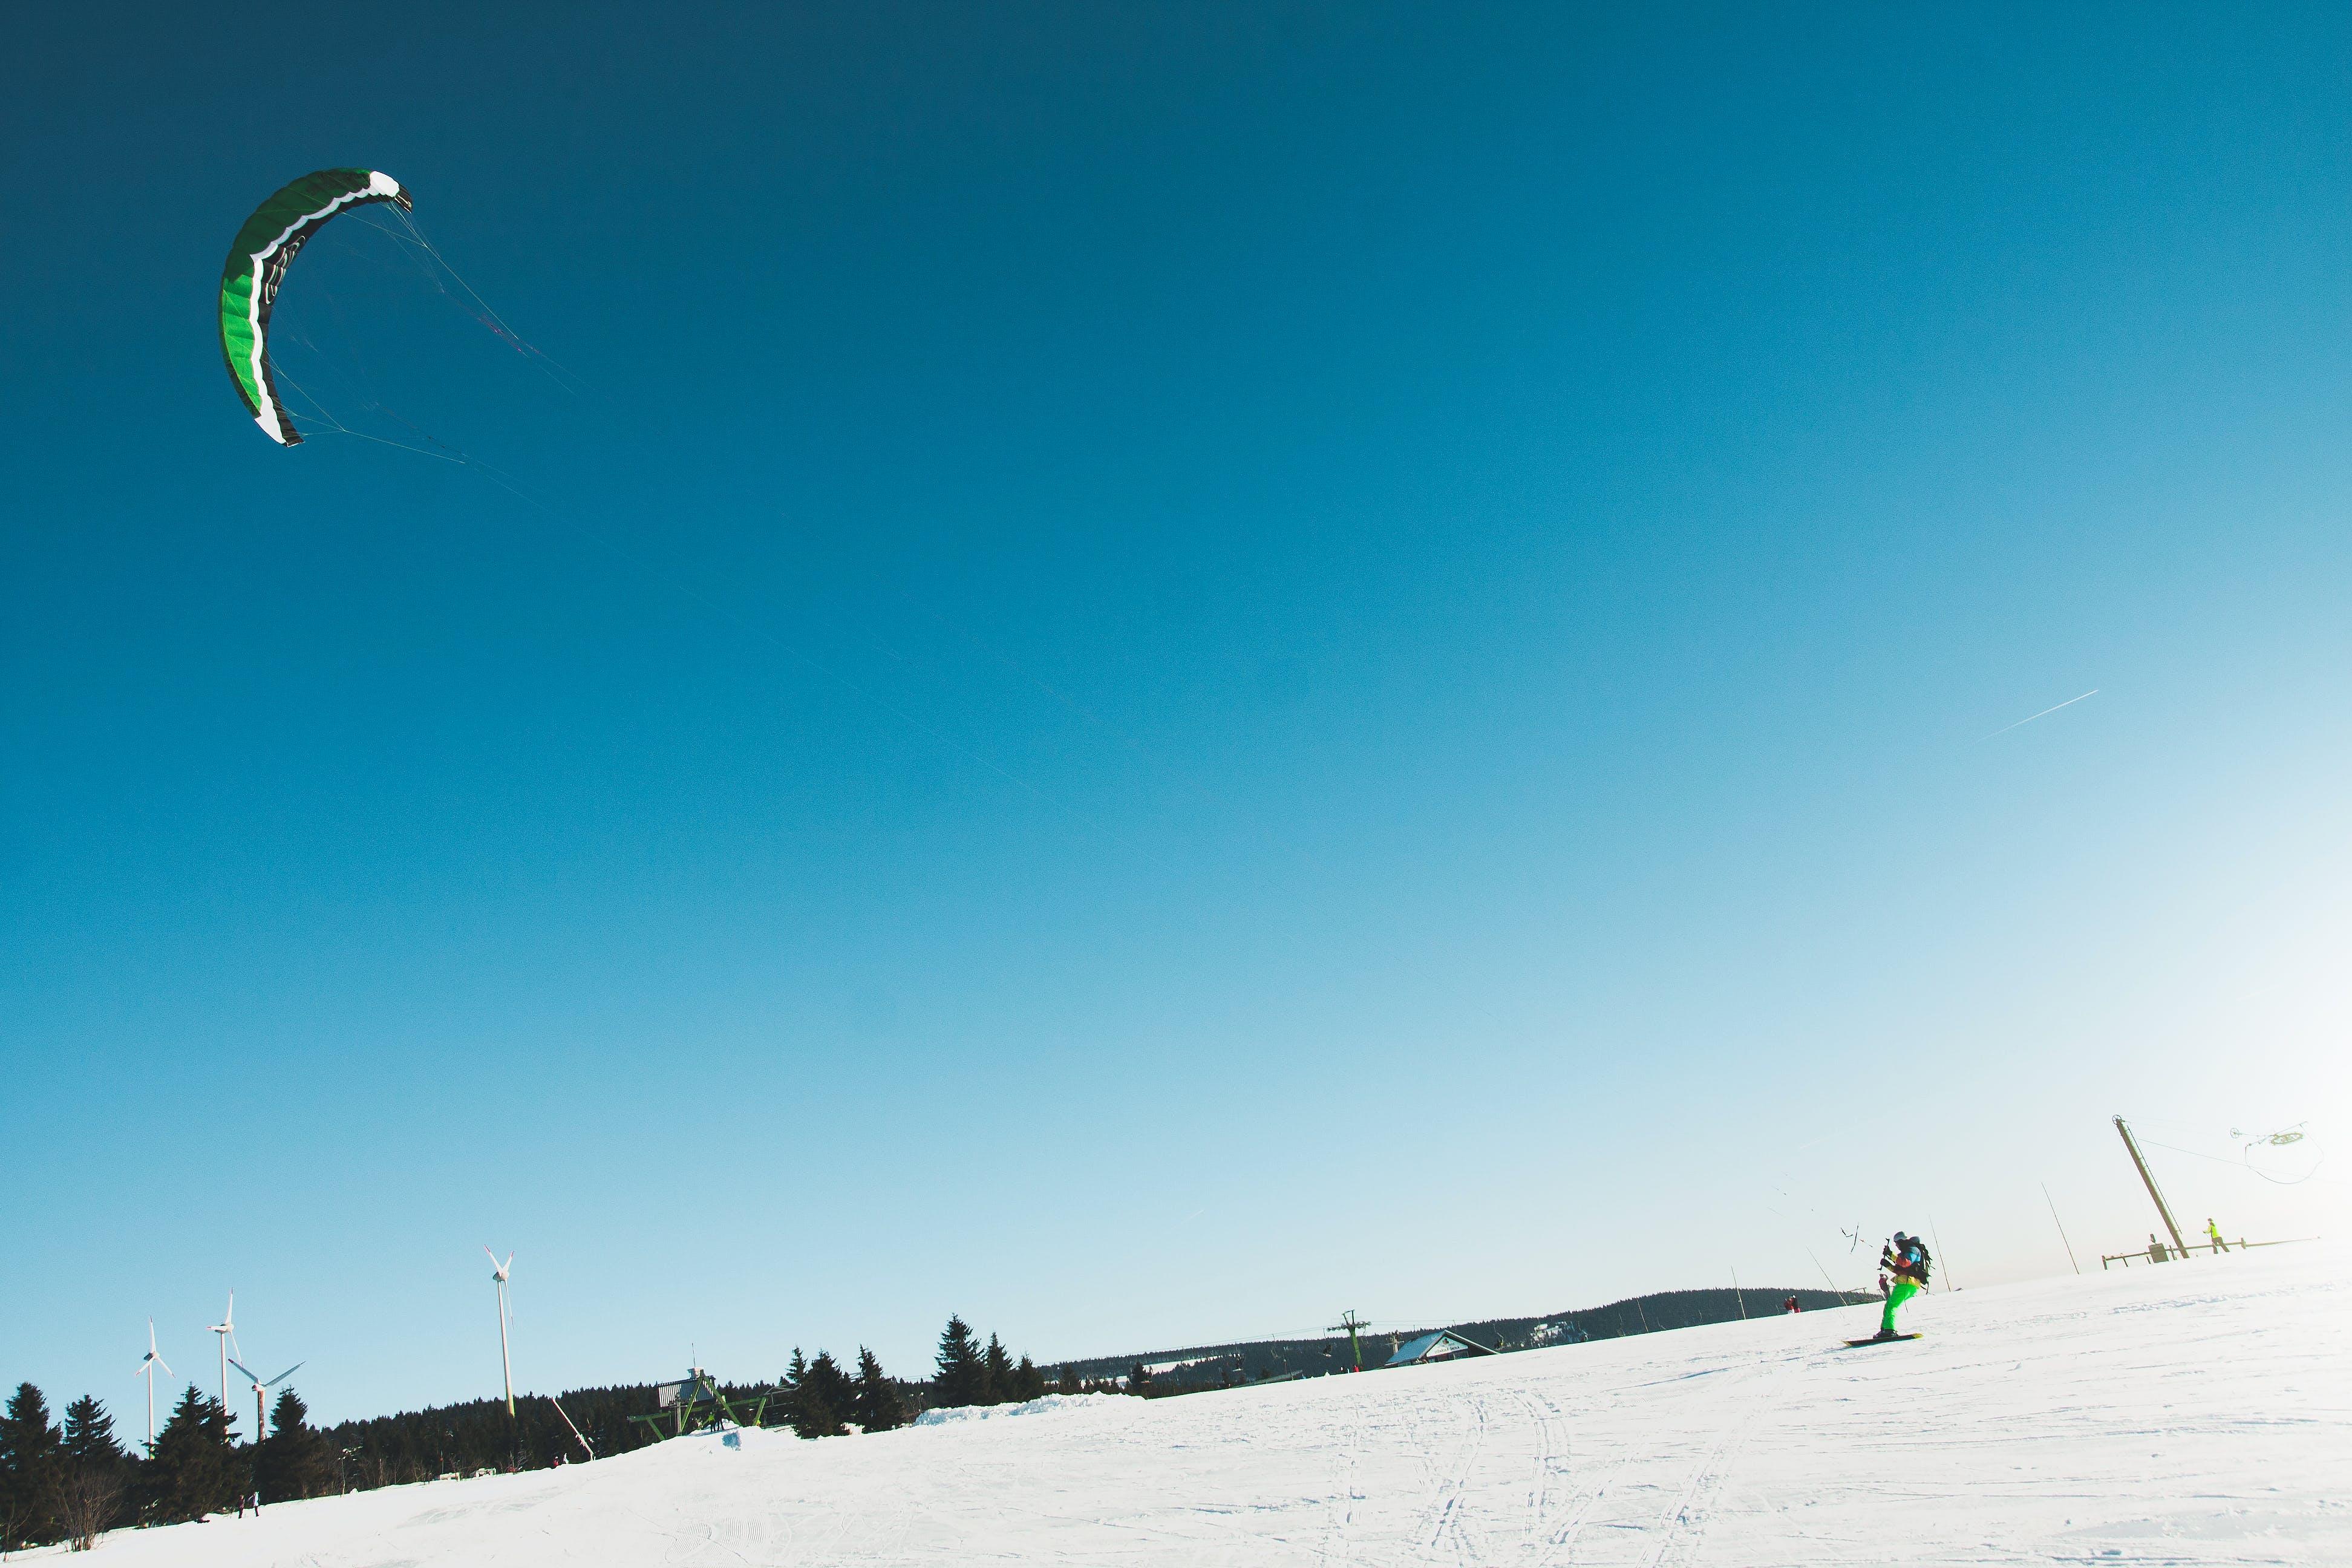 Δωρεάν στοκ φωτογραφιών με extreme sport, snowboard, άθλημα, ακραίο